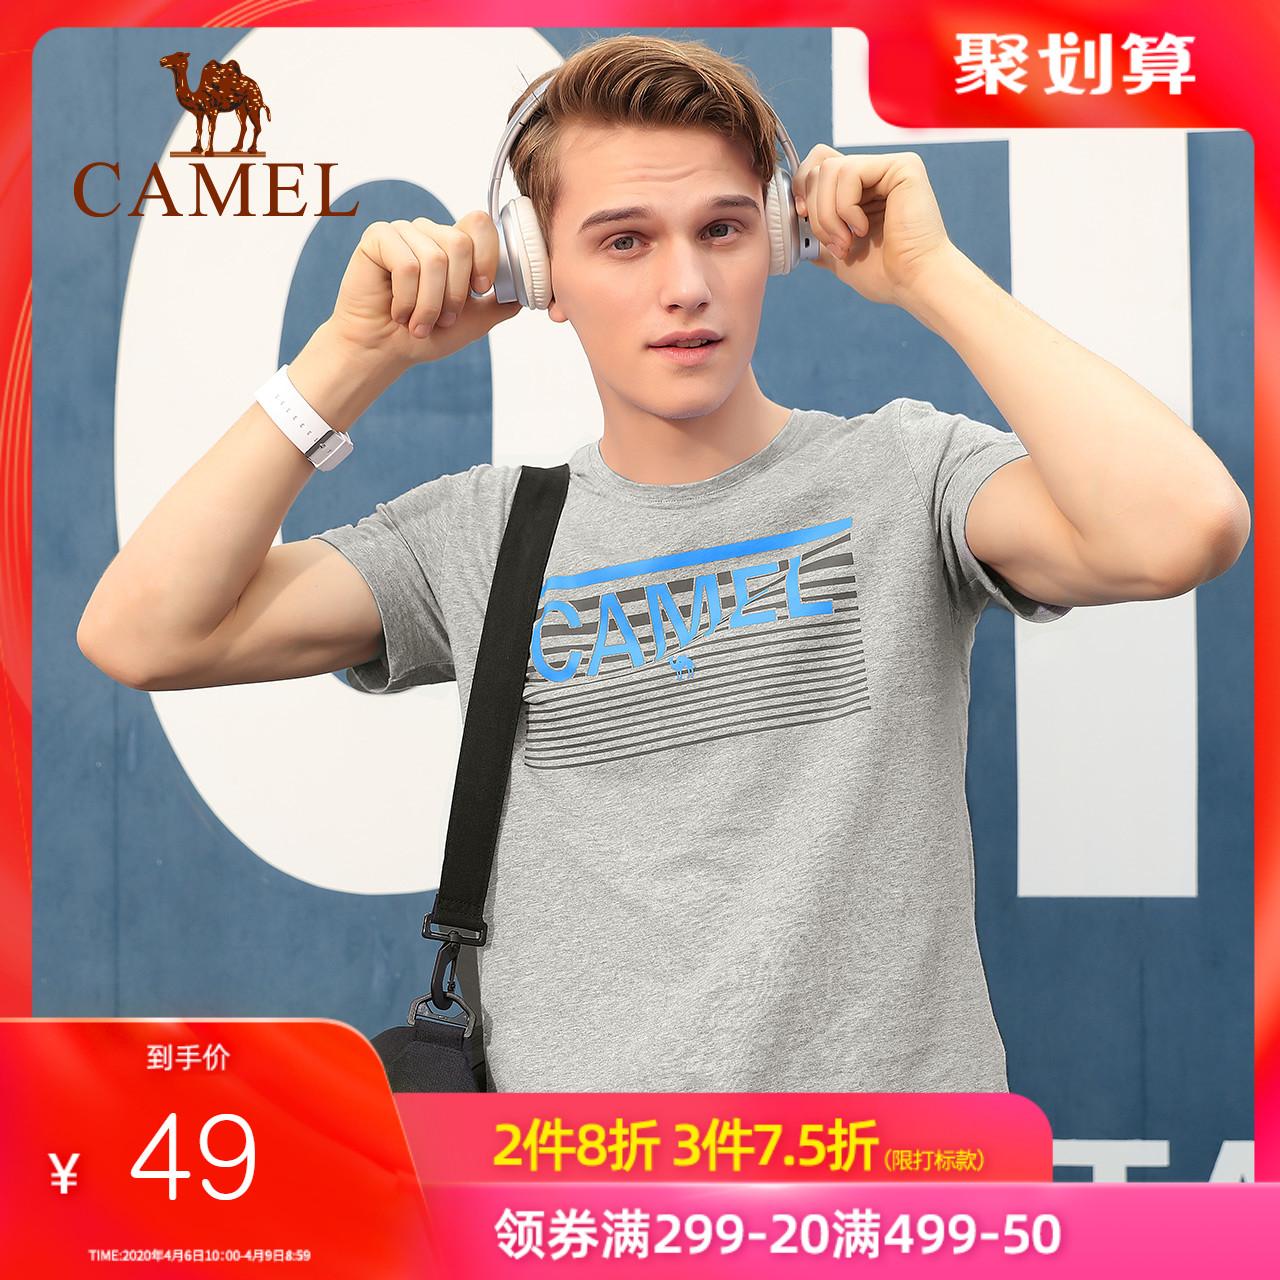 短袖健身T恤春夏夏季运动跑步半袖宽松运动上衣男款骆驼圆领T恤